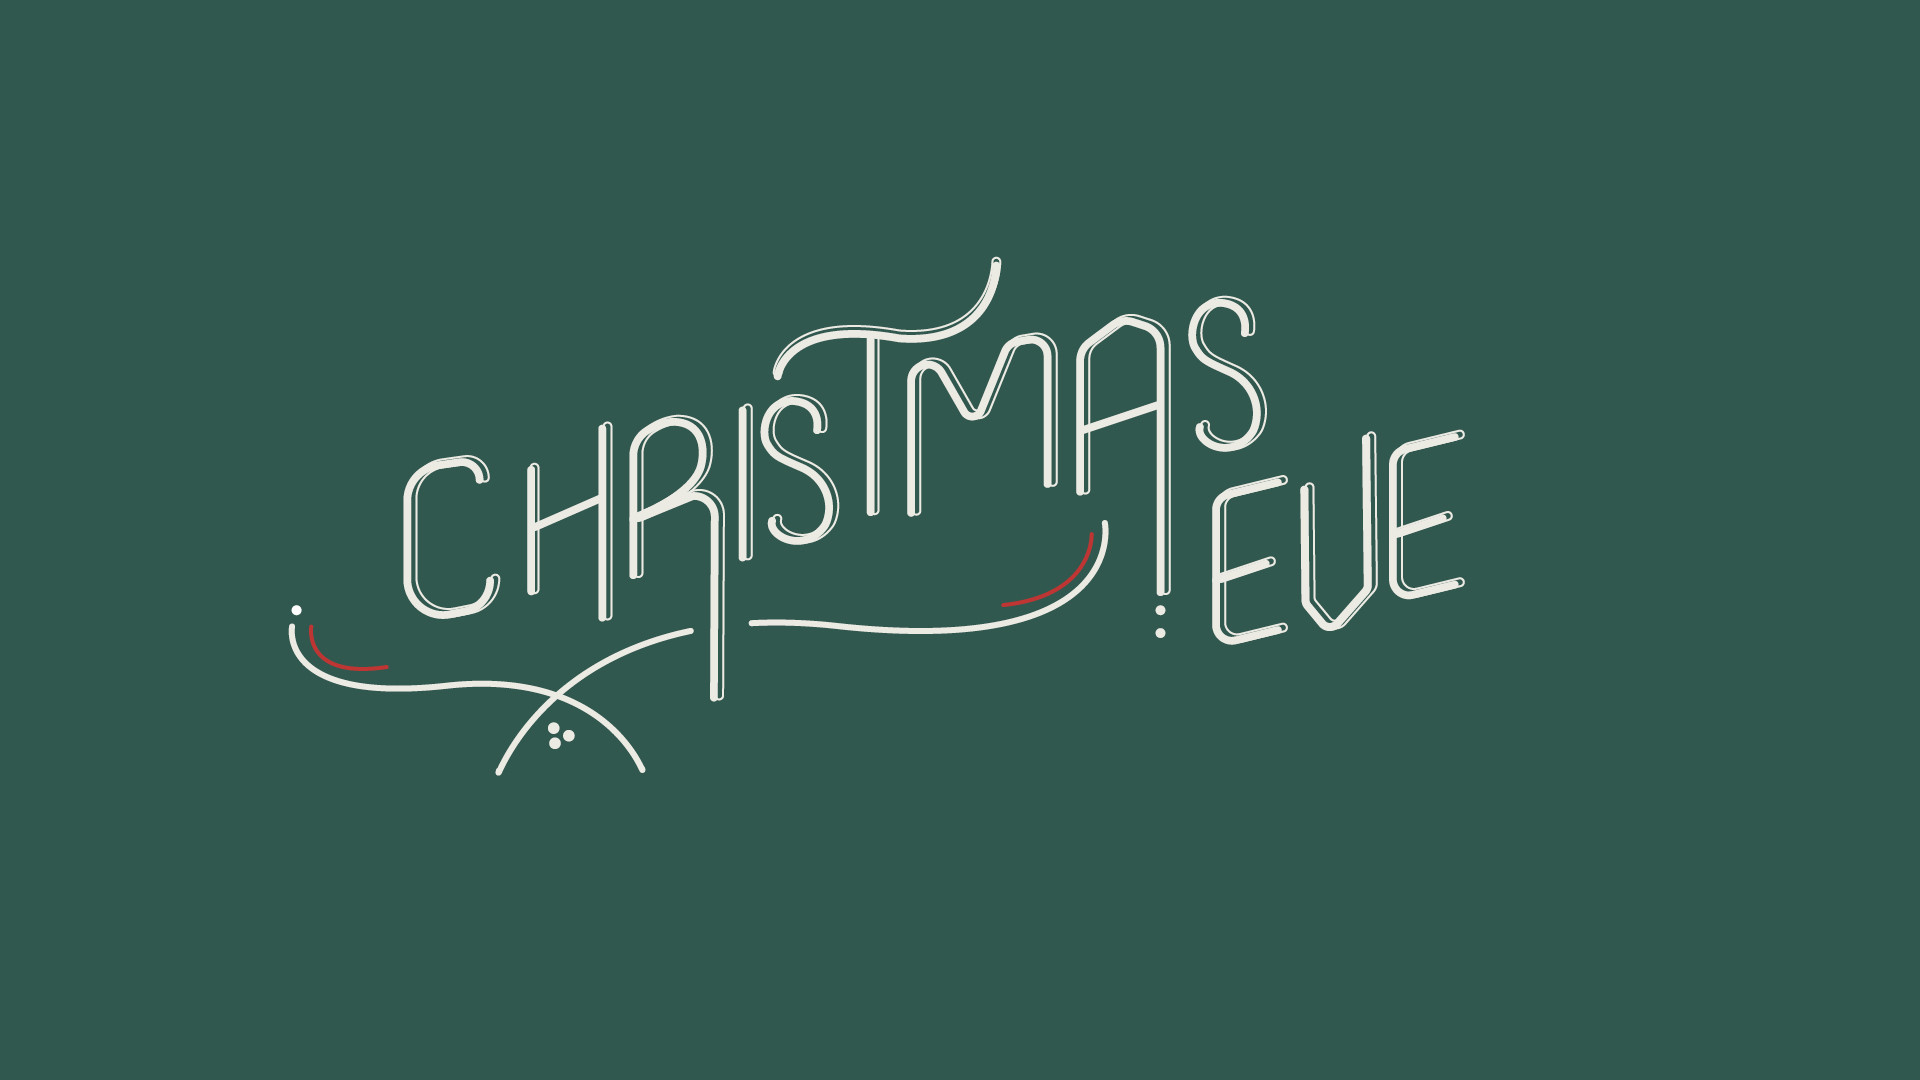 merry_christmas_slide2.jpg